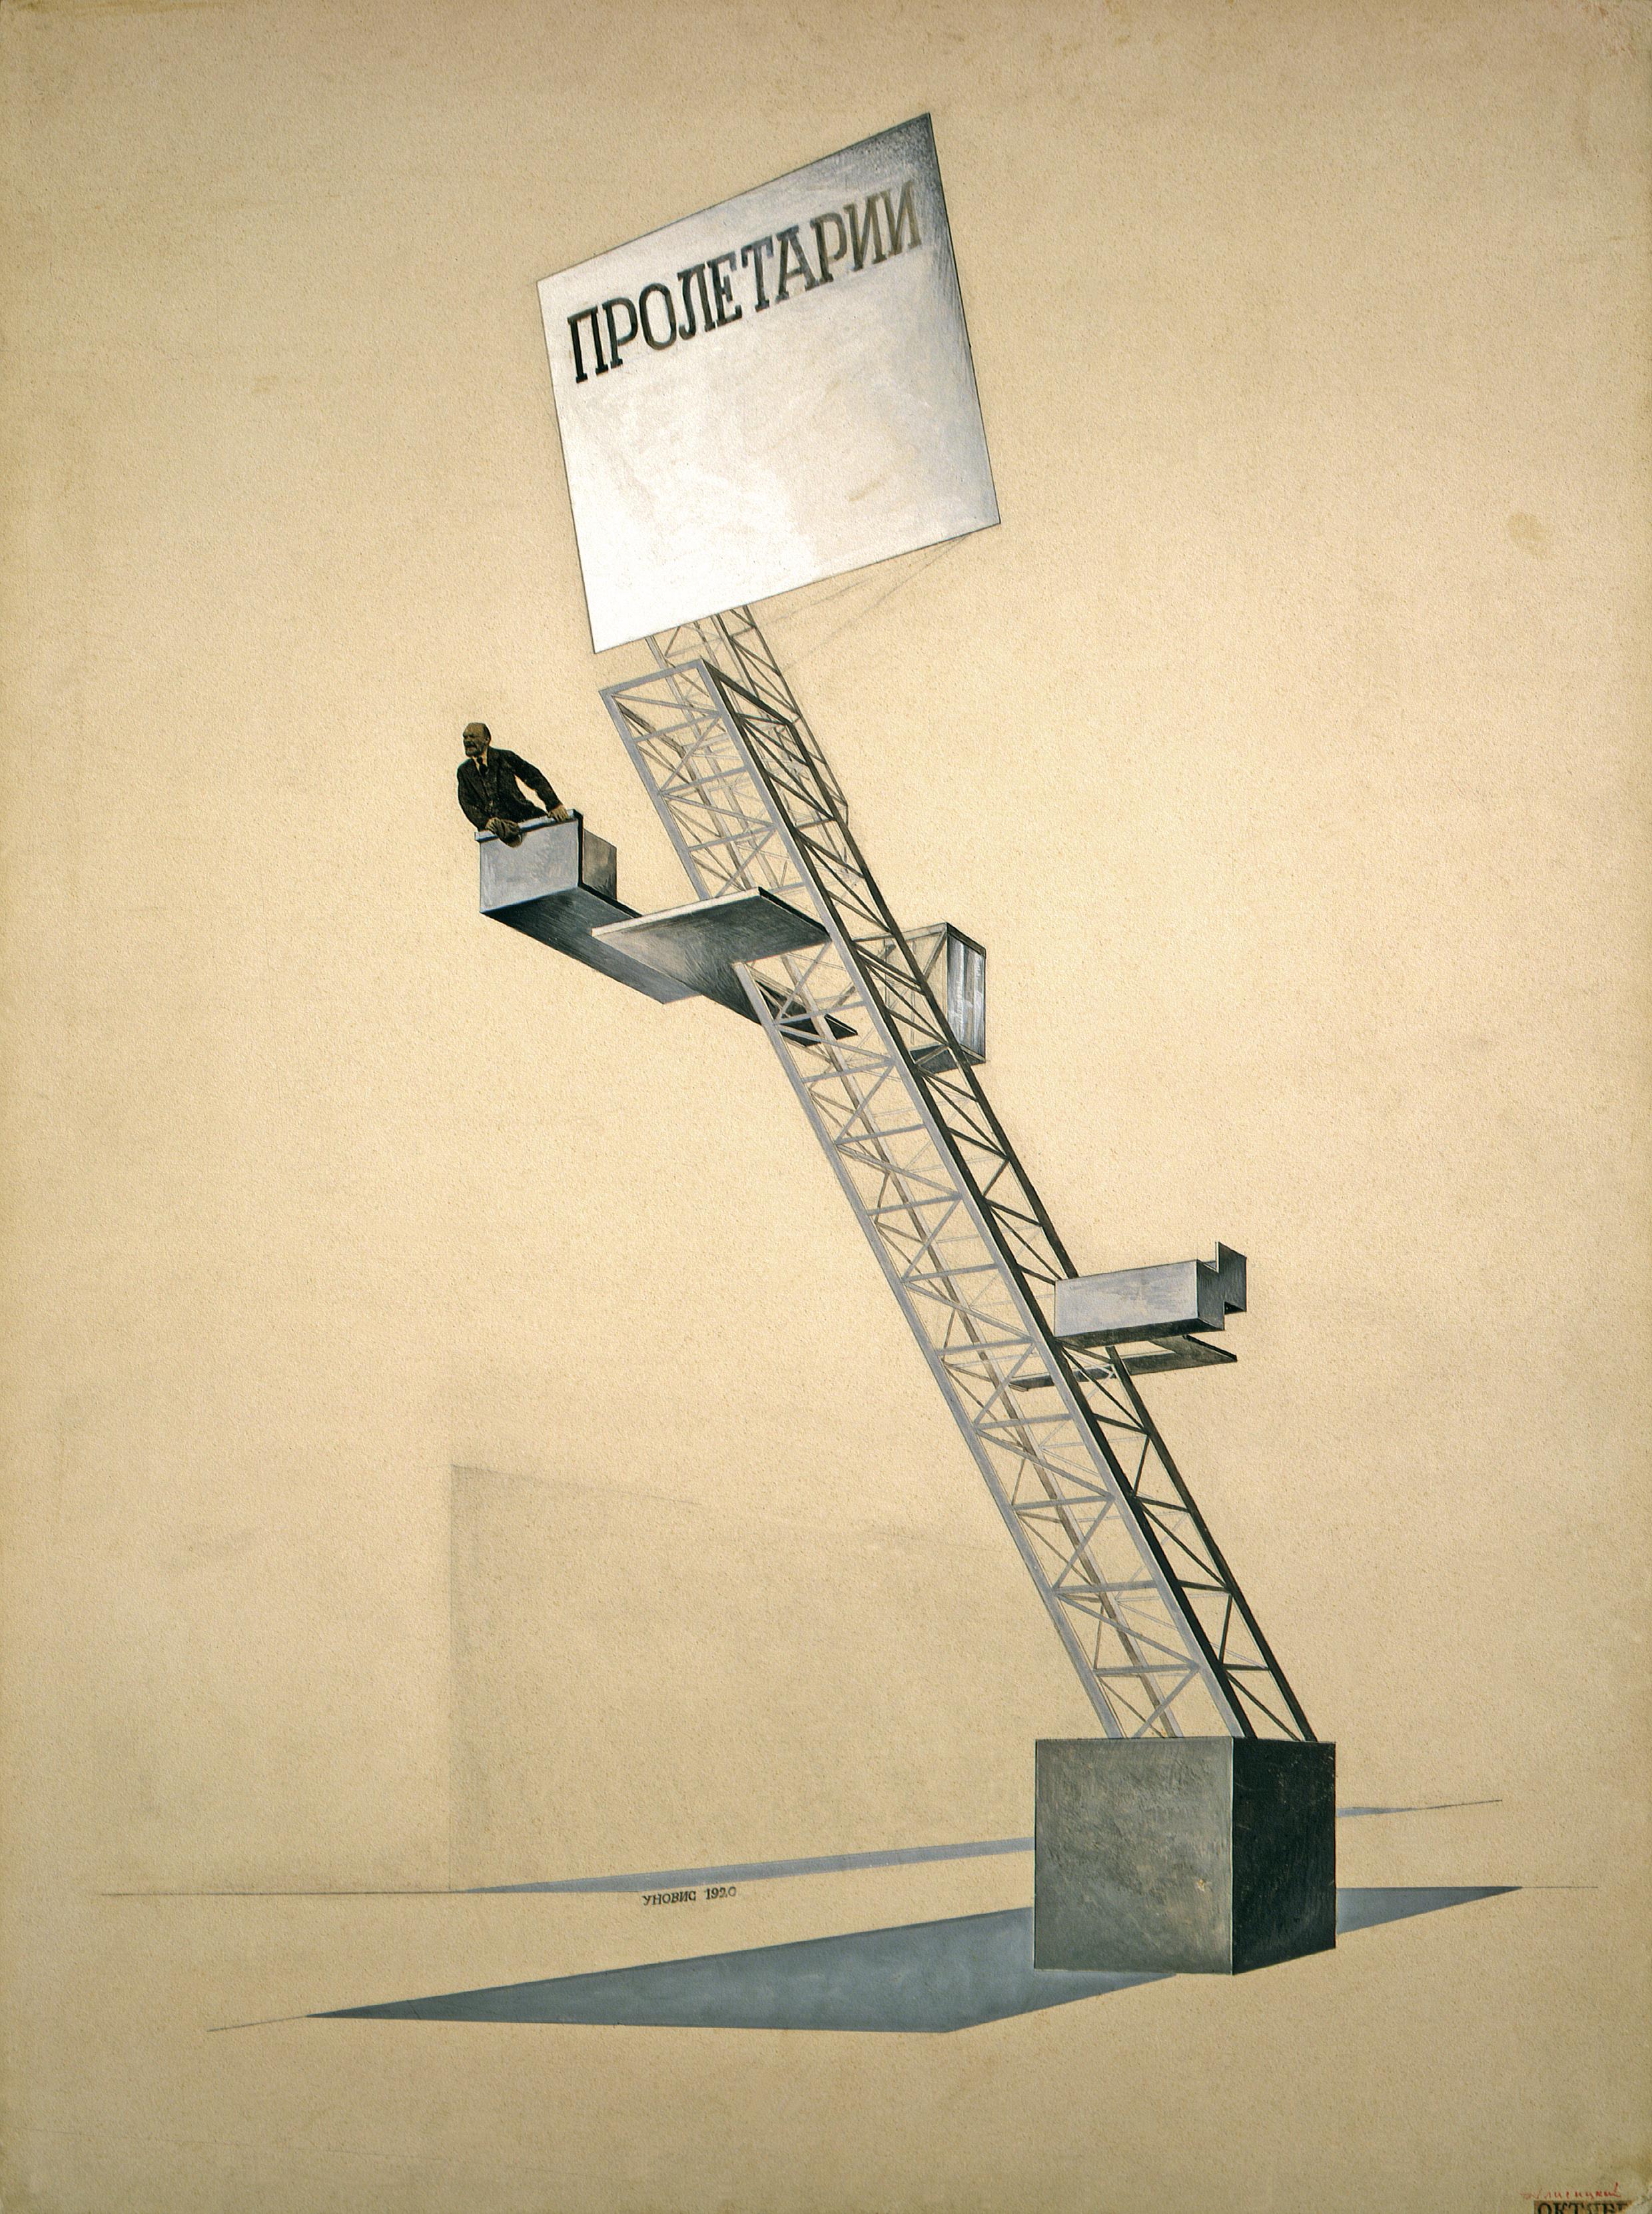 El Lissitzky, Lenin Tribune, 1920. State Tretyakov Gallery, Moscow.jpg